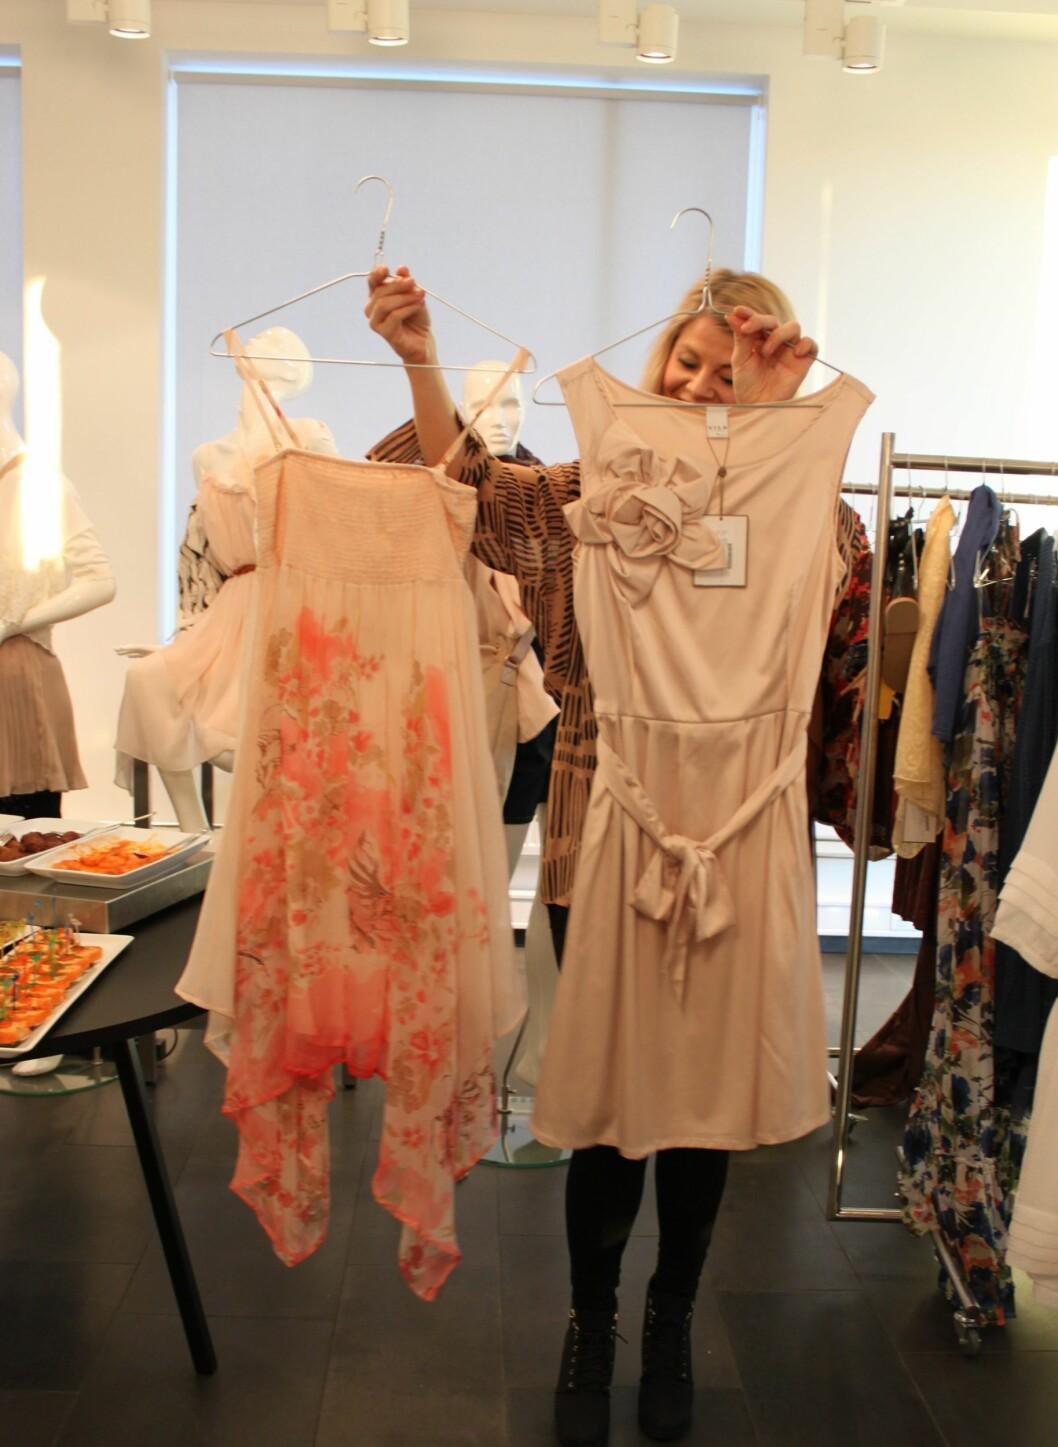 Men det finnes selvsagt kortere kjoler også, for deg som ønsker det. Foto: Aina Kristiansen